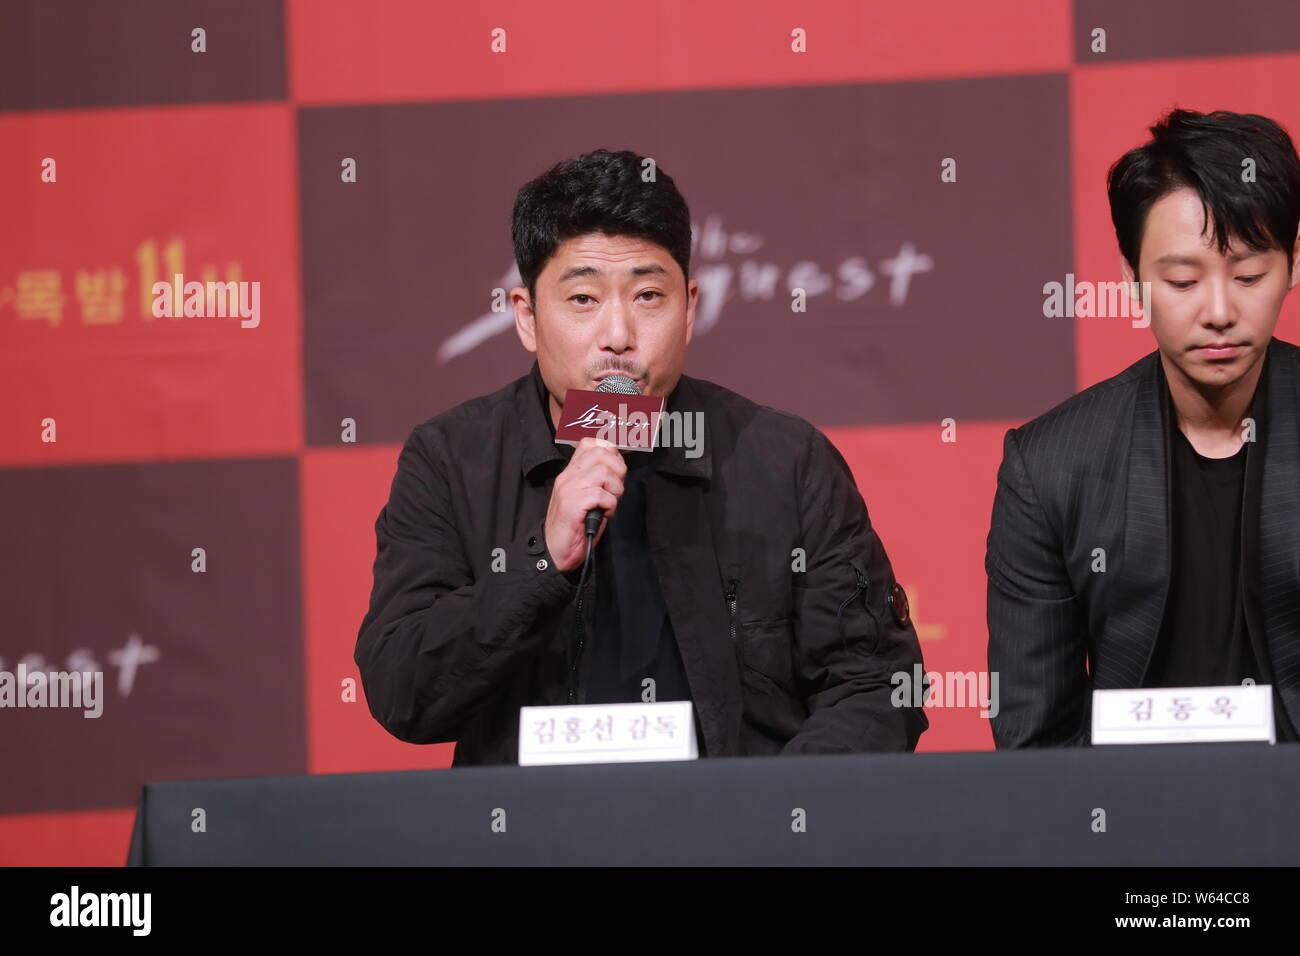 Kim Dong Wook Stock Photos & Kim Dong Wook Stock Images - Alamy